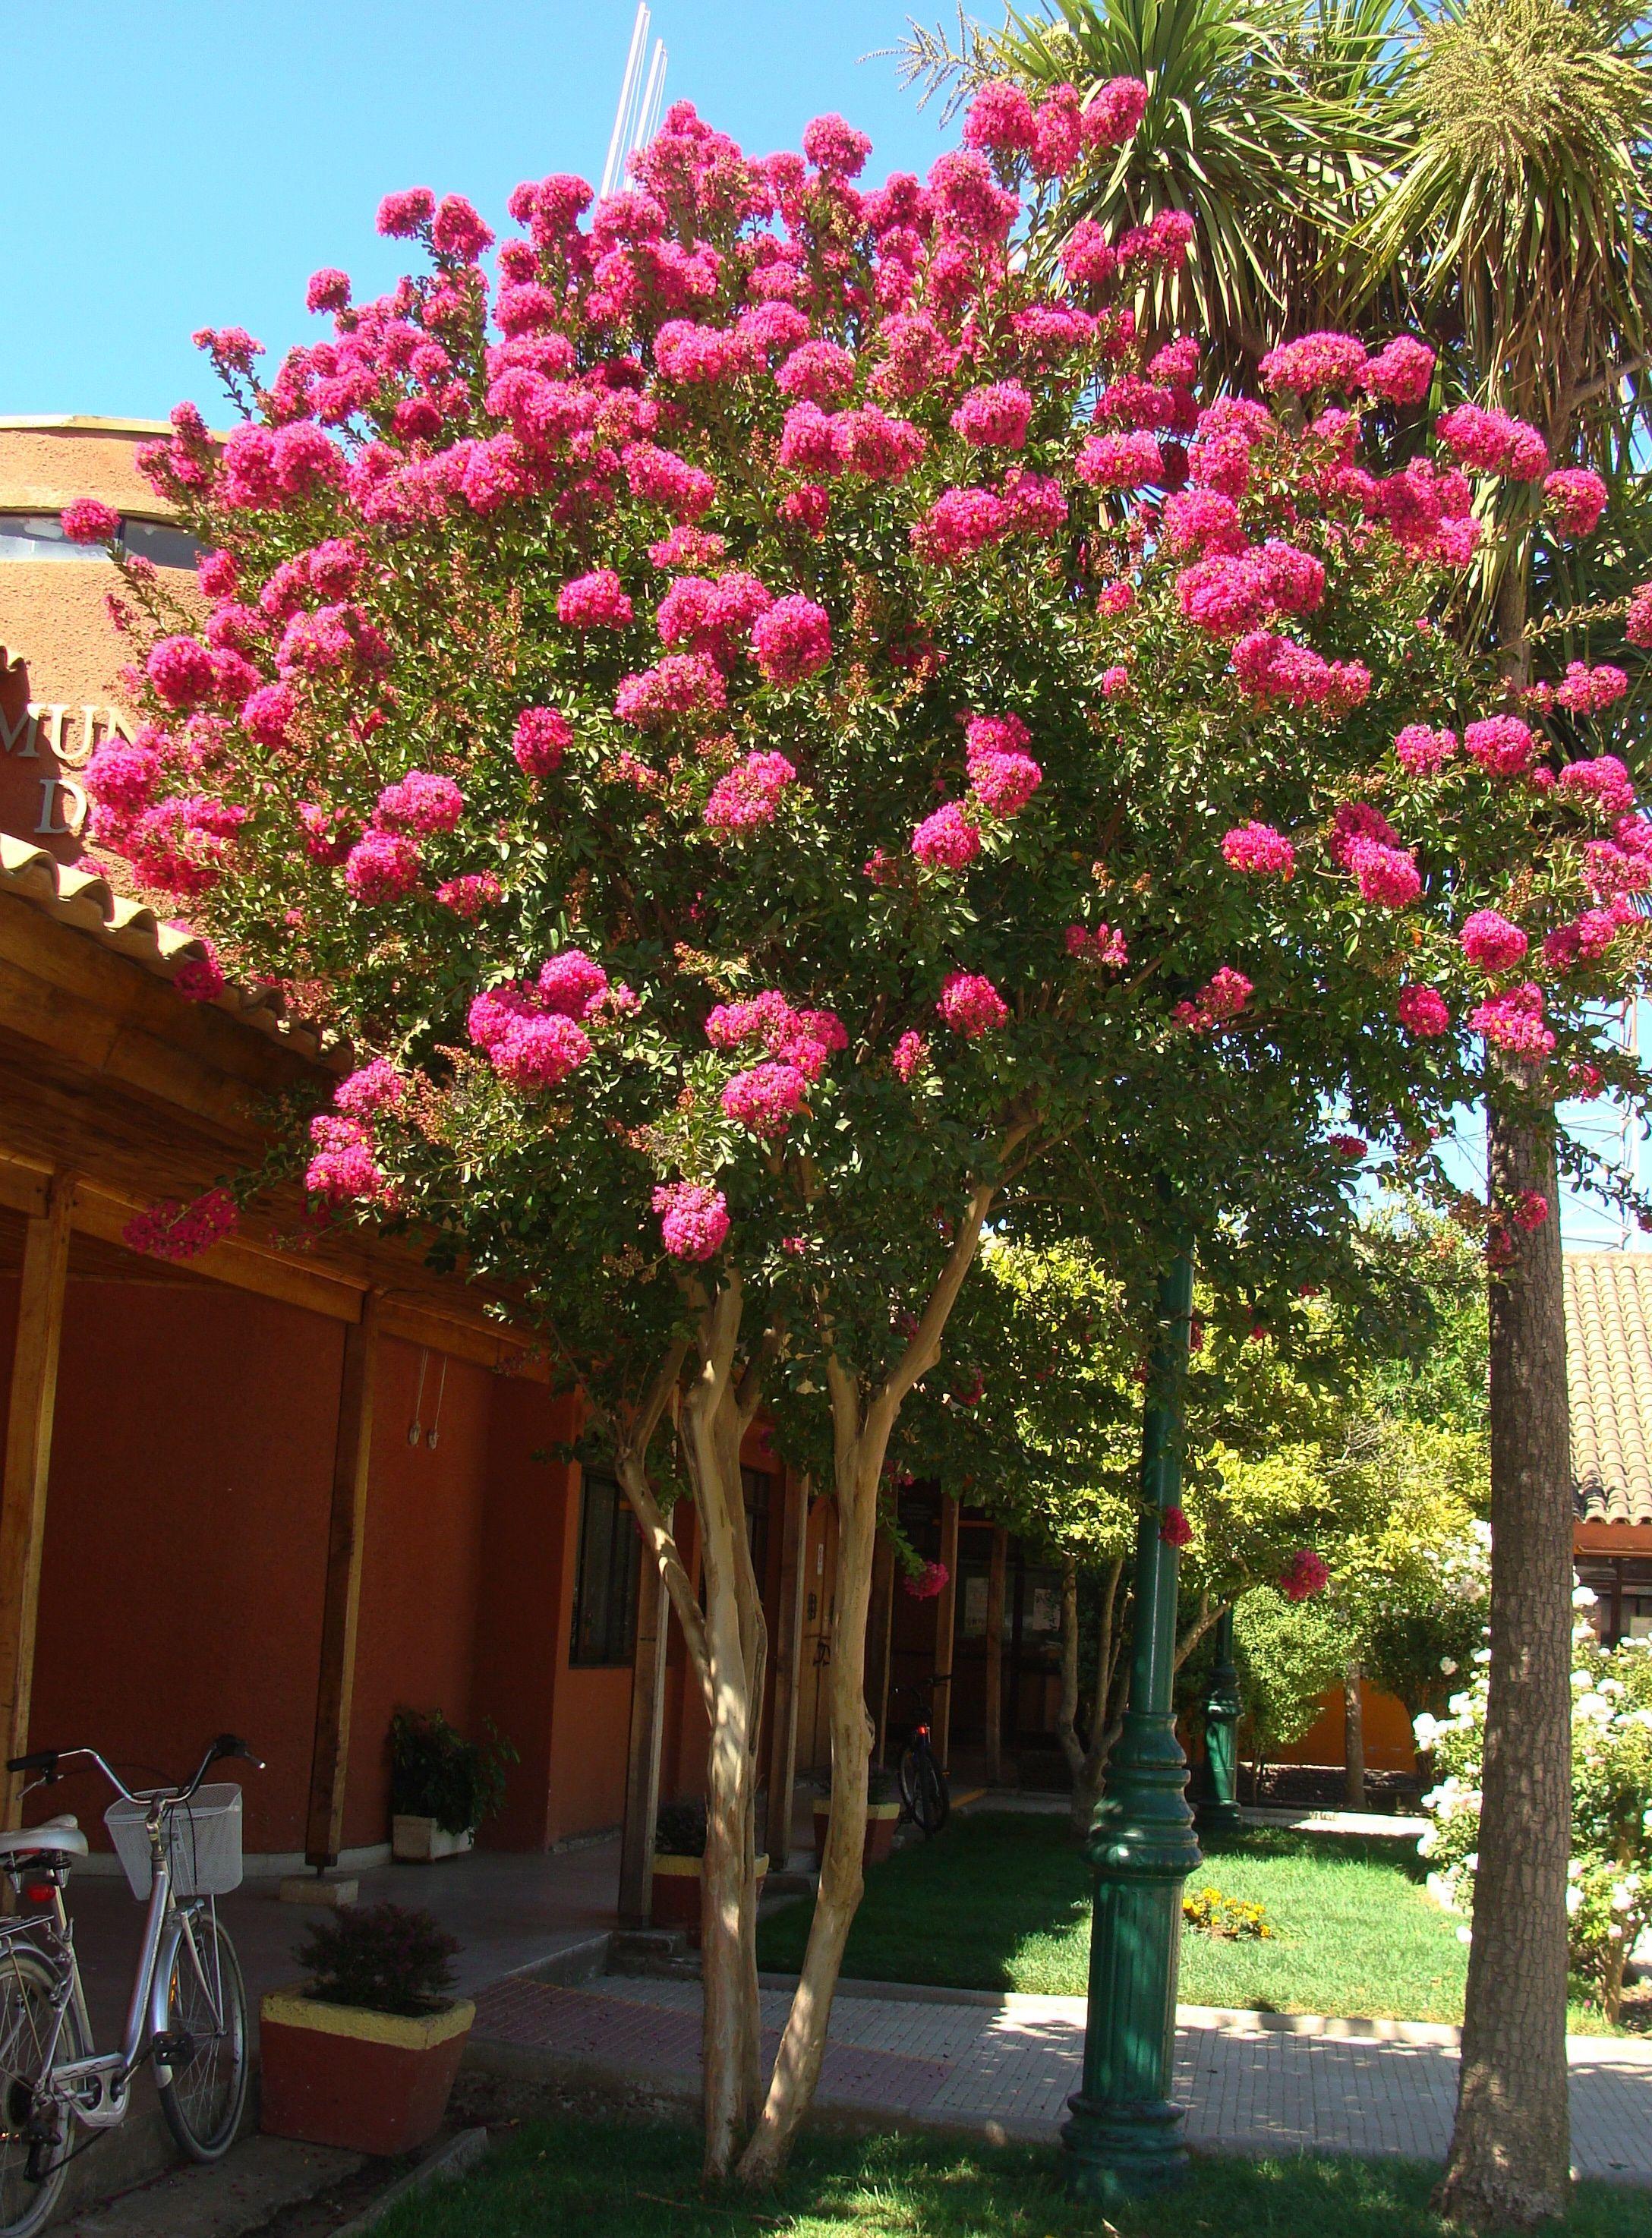 Crespon chile arboles nativos con feras frutales y mas for Arbustos ornamentales de exterior